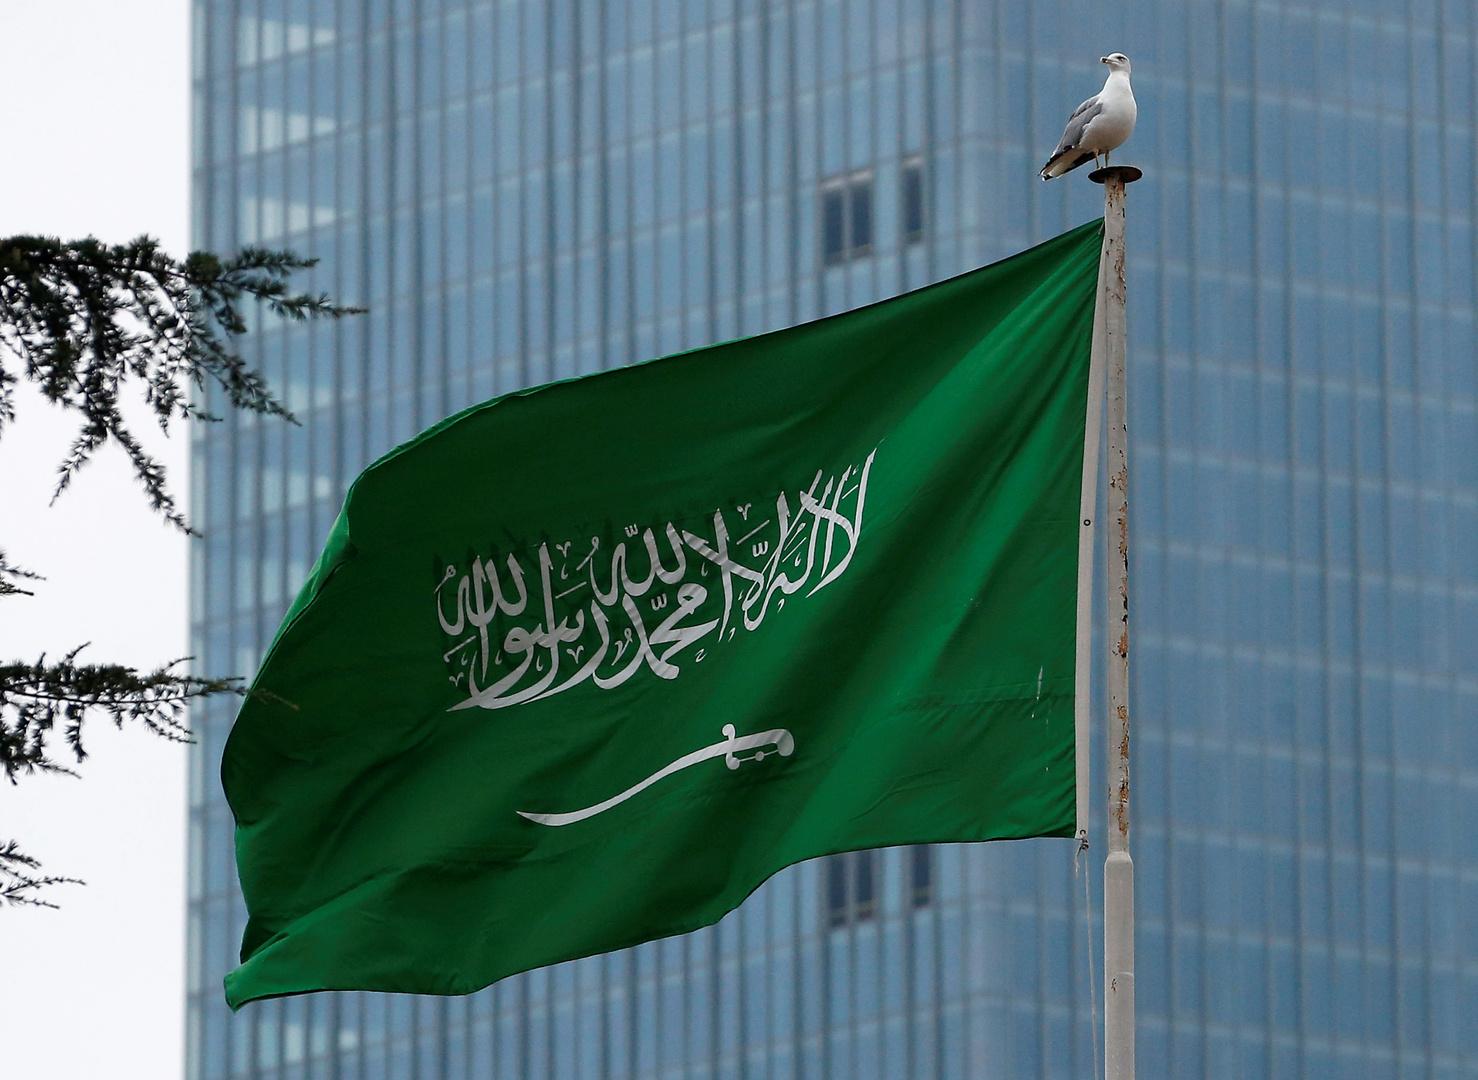 وزير سعودي يعلن عن نية المملكة إطلاق عدة مناطق اقتصادية في العام 2021